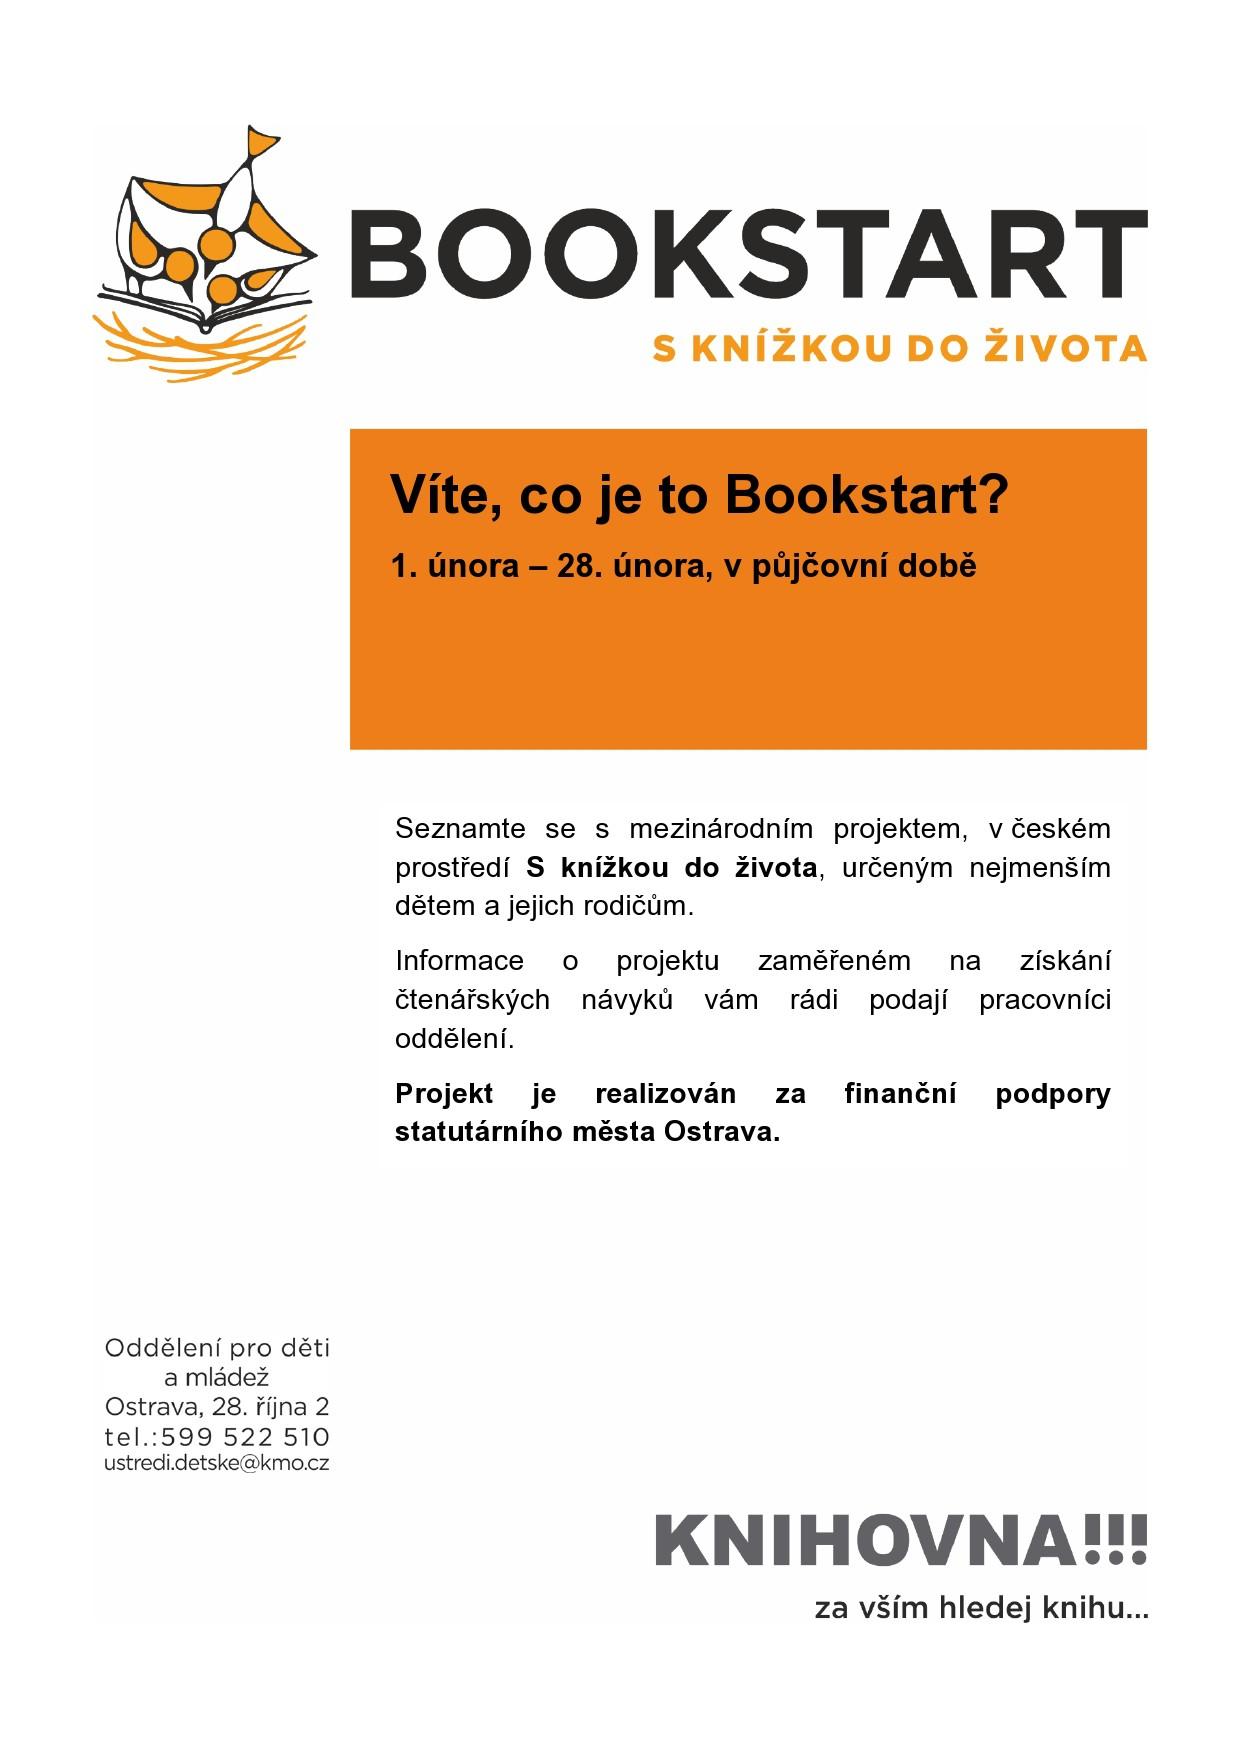 Víte, co je to Bookstart? Seznamte se s mezinárodním projektem, v českém prostředí S knížkou do života, určeným nejmenším dětem a jejich rodičům. Informace o projektu zaměřeném na získání čtenářských návyků vám rádi podají pracovníci oddělení.1. února – 28. února, v půjčovní době. Projekt je realizován za finanční podpory statutárního města Ostrava